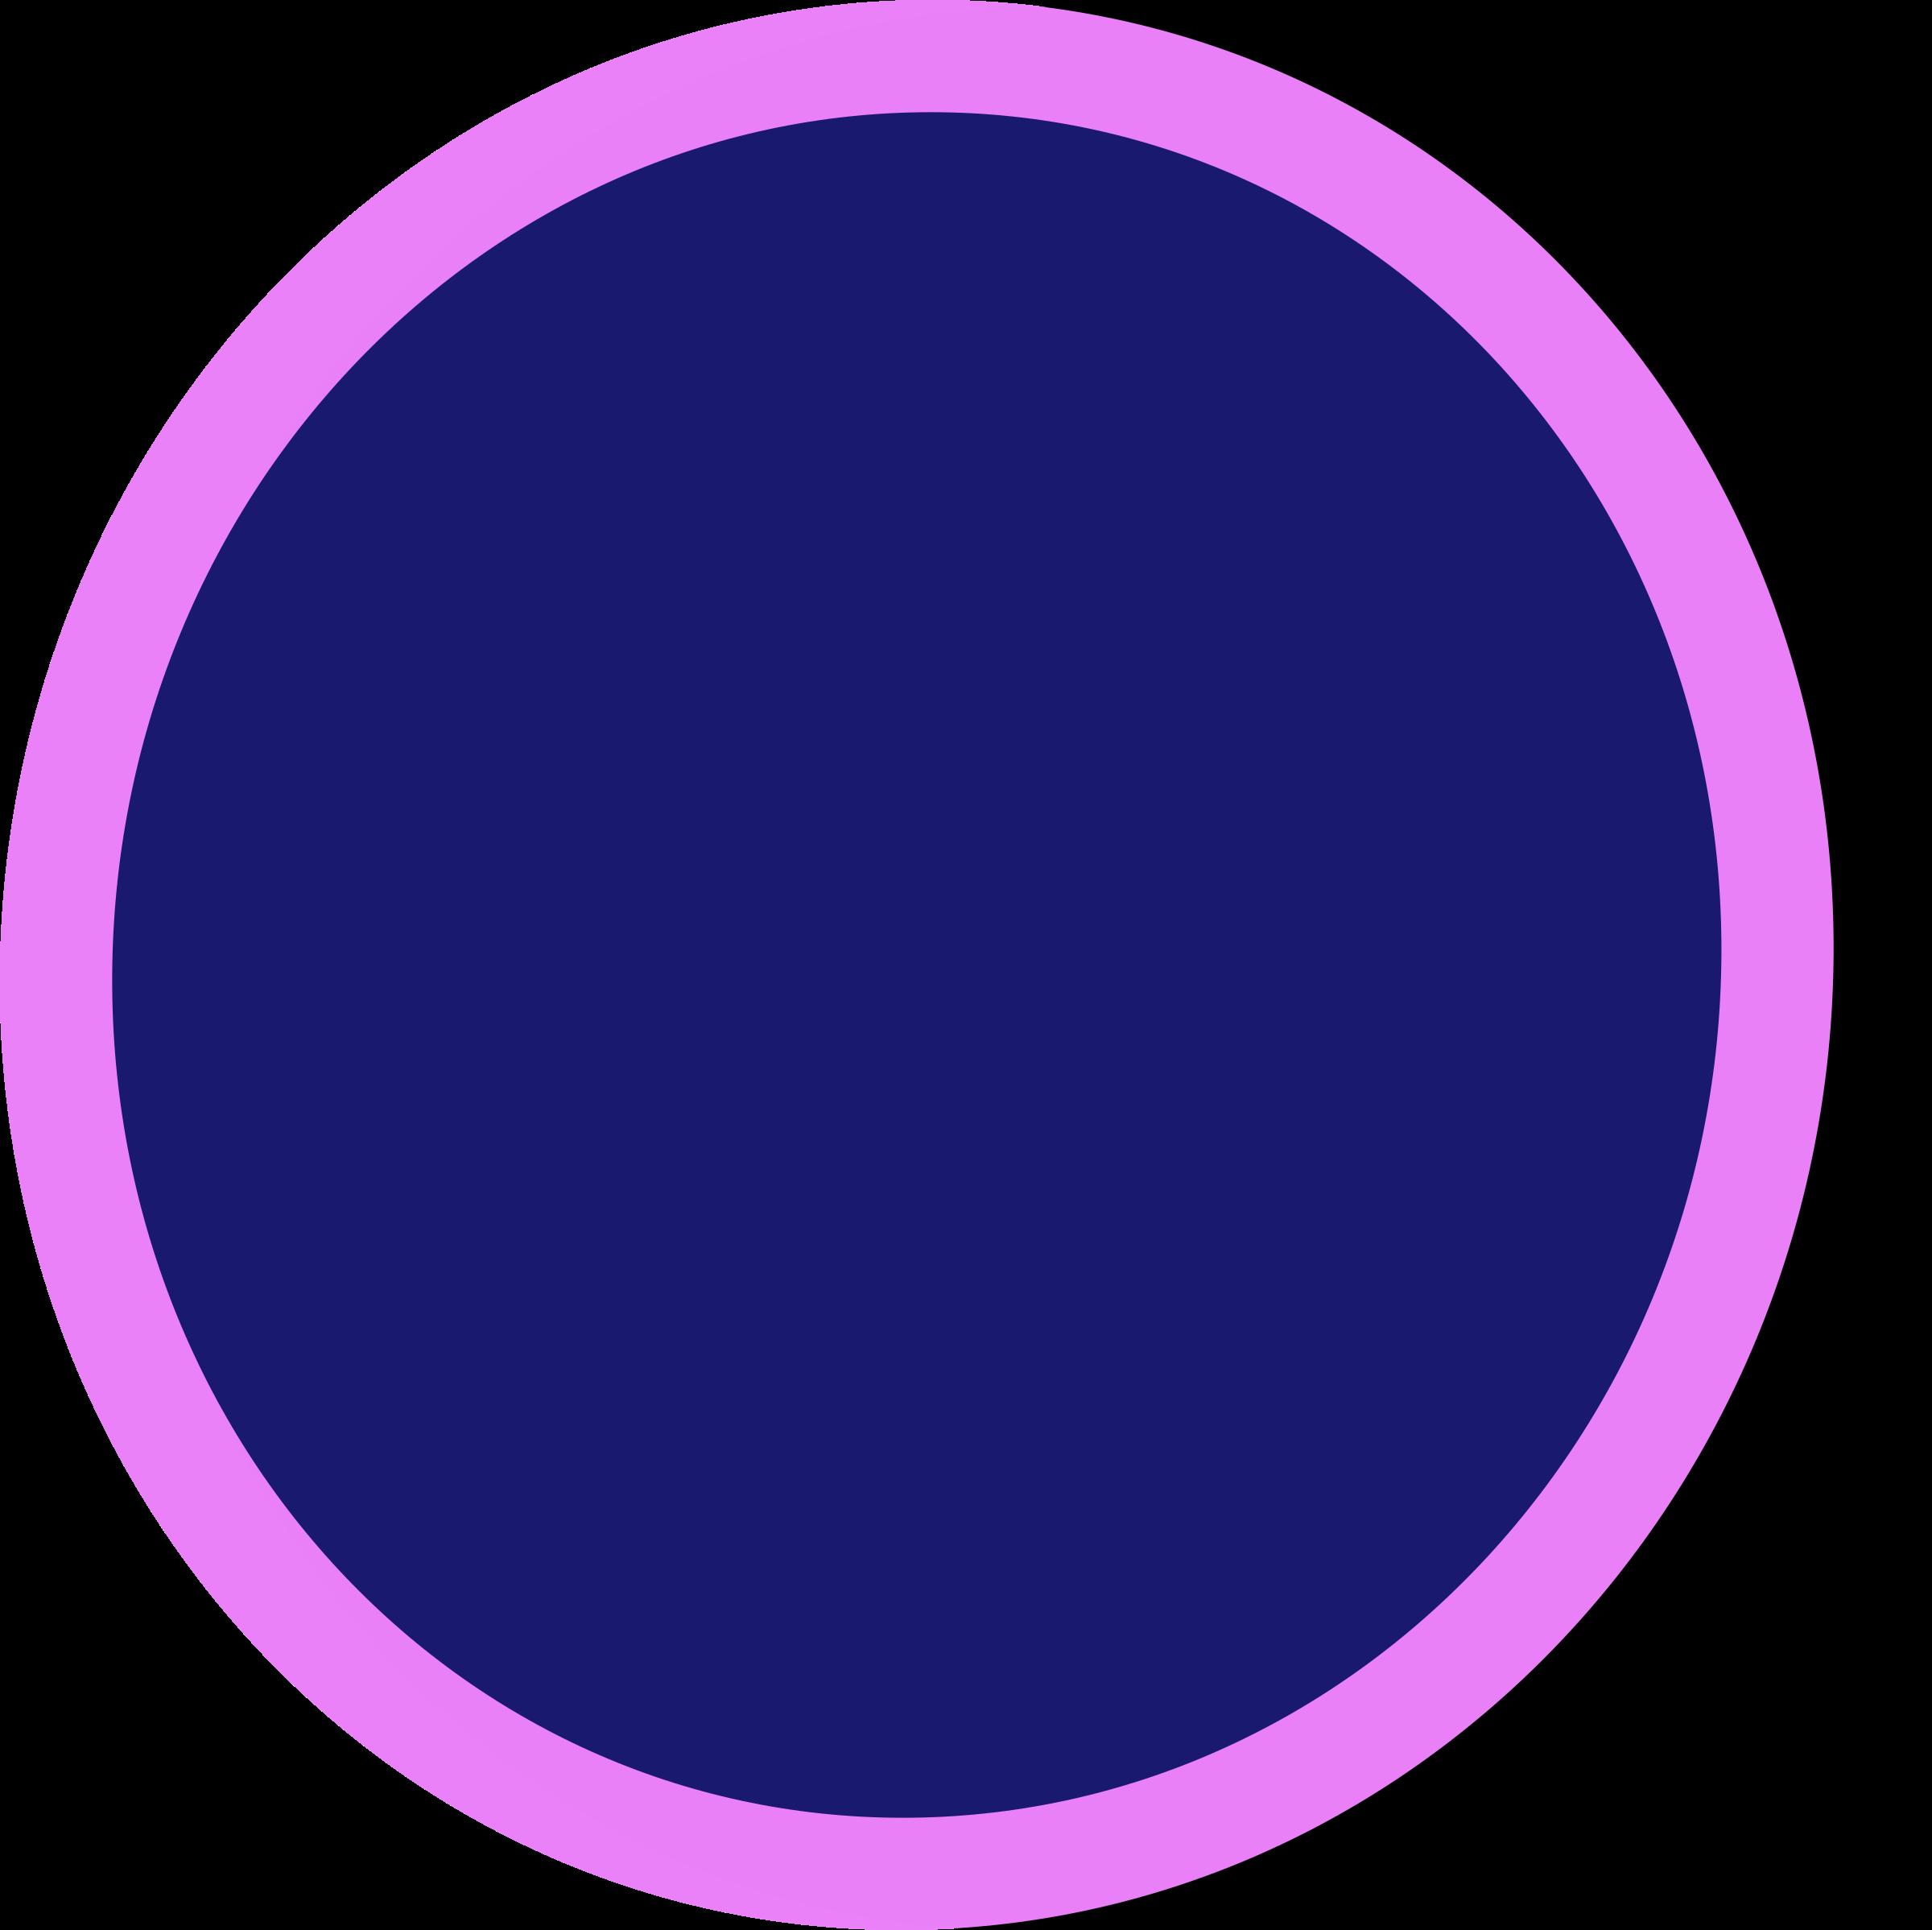 Blue big image png. Button clipart purple button